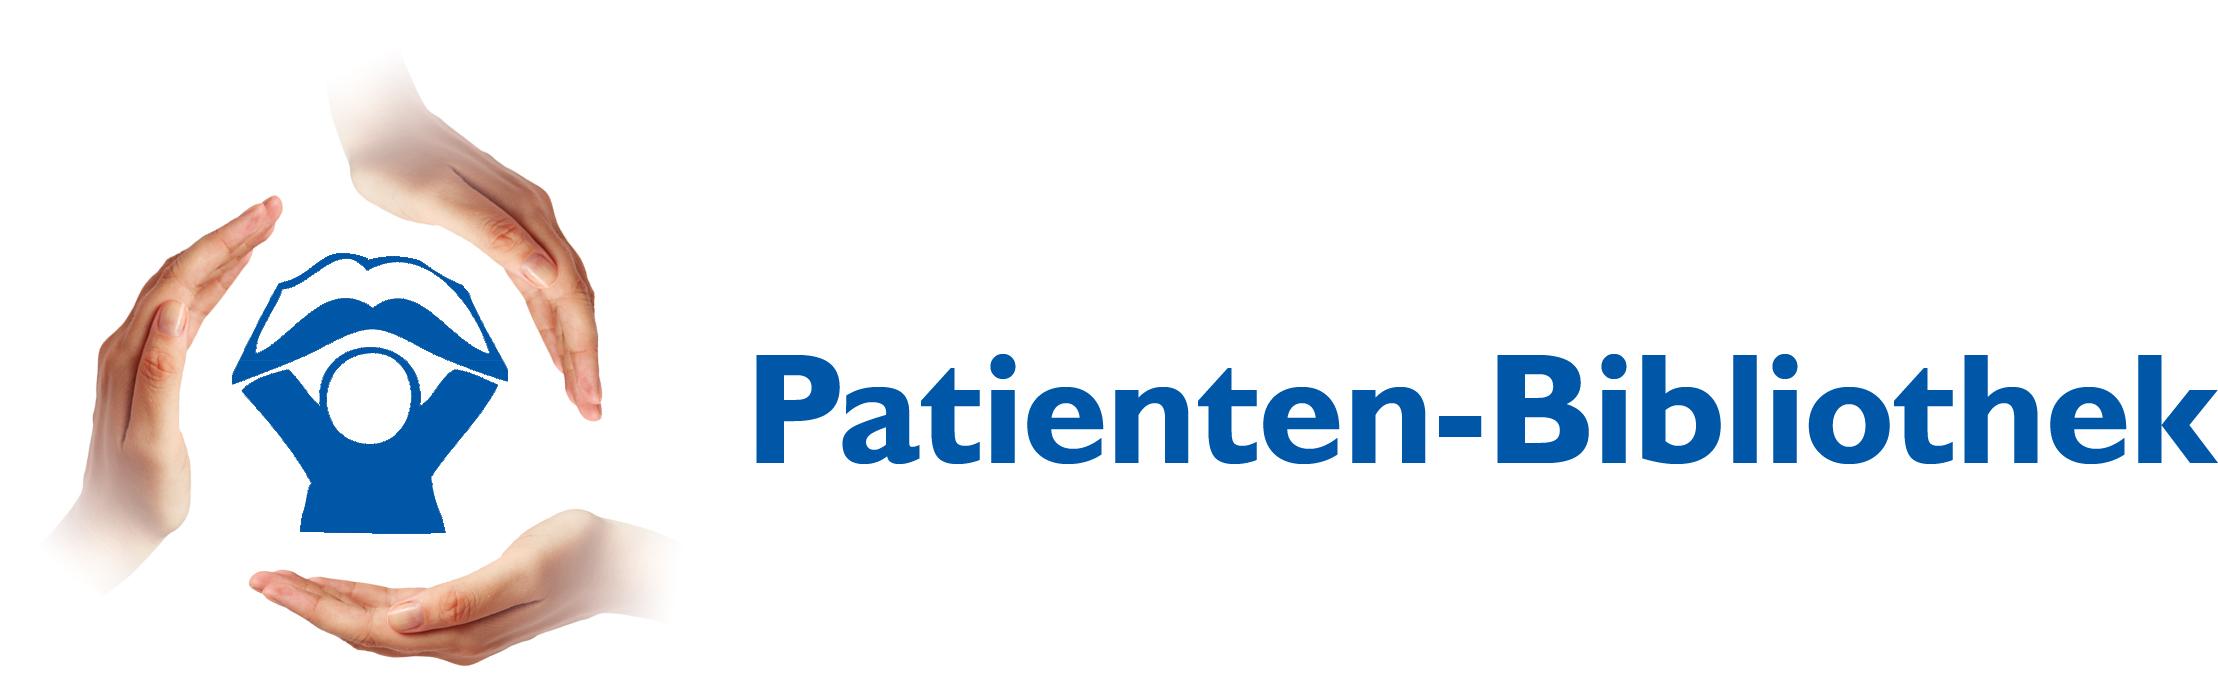 patientenbibliothek_logo_gross-Kopie Wir